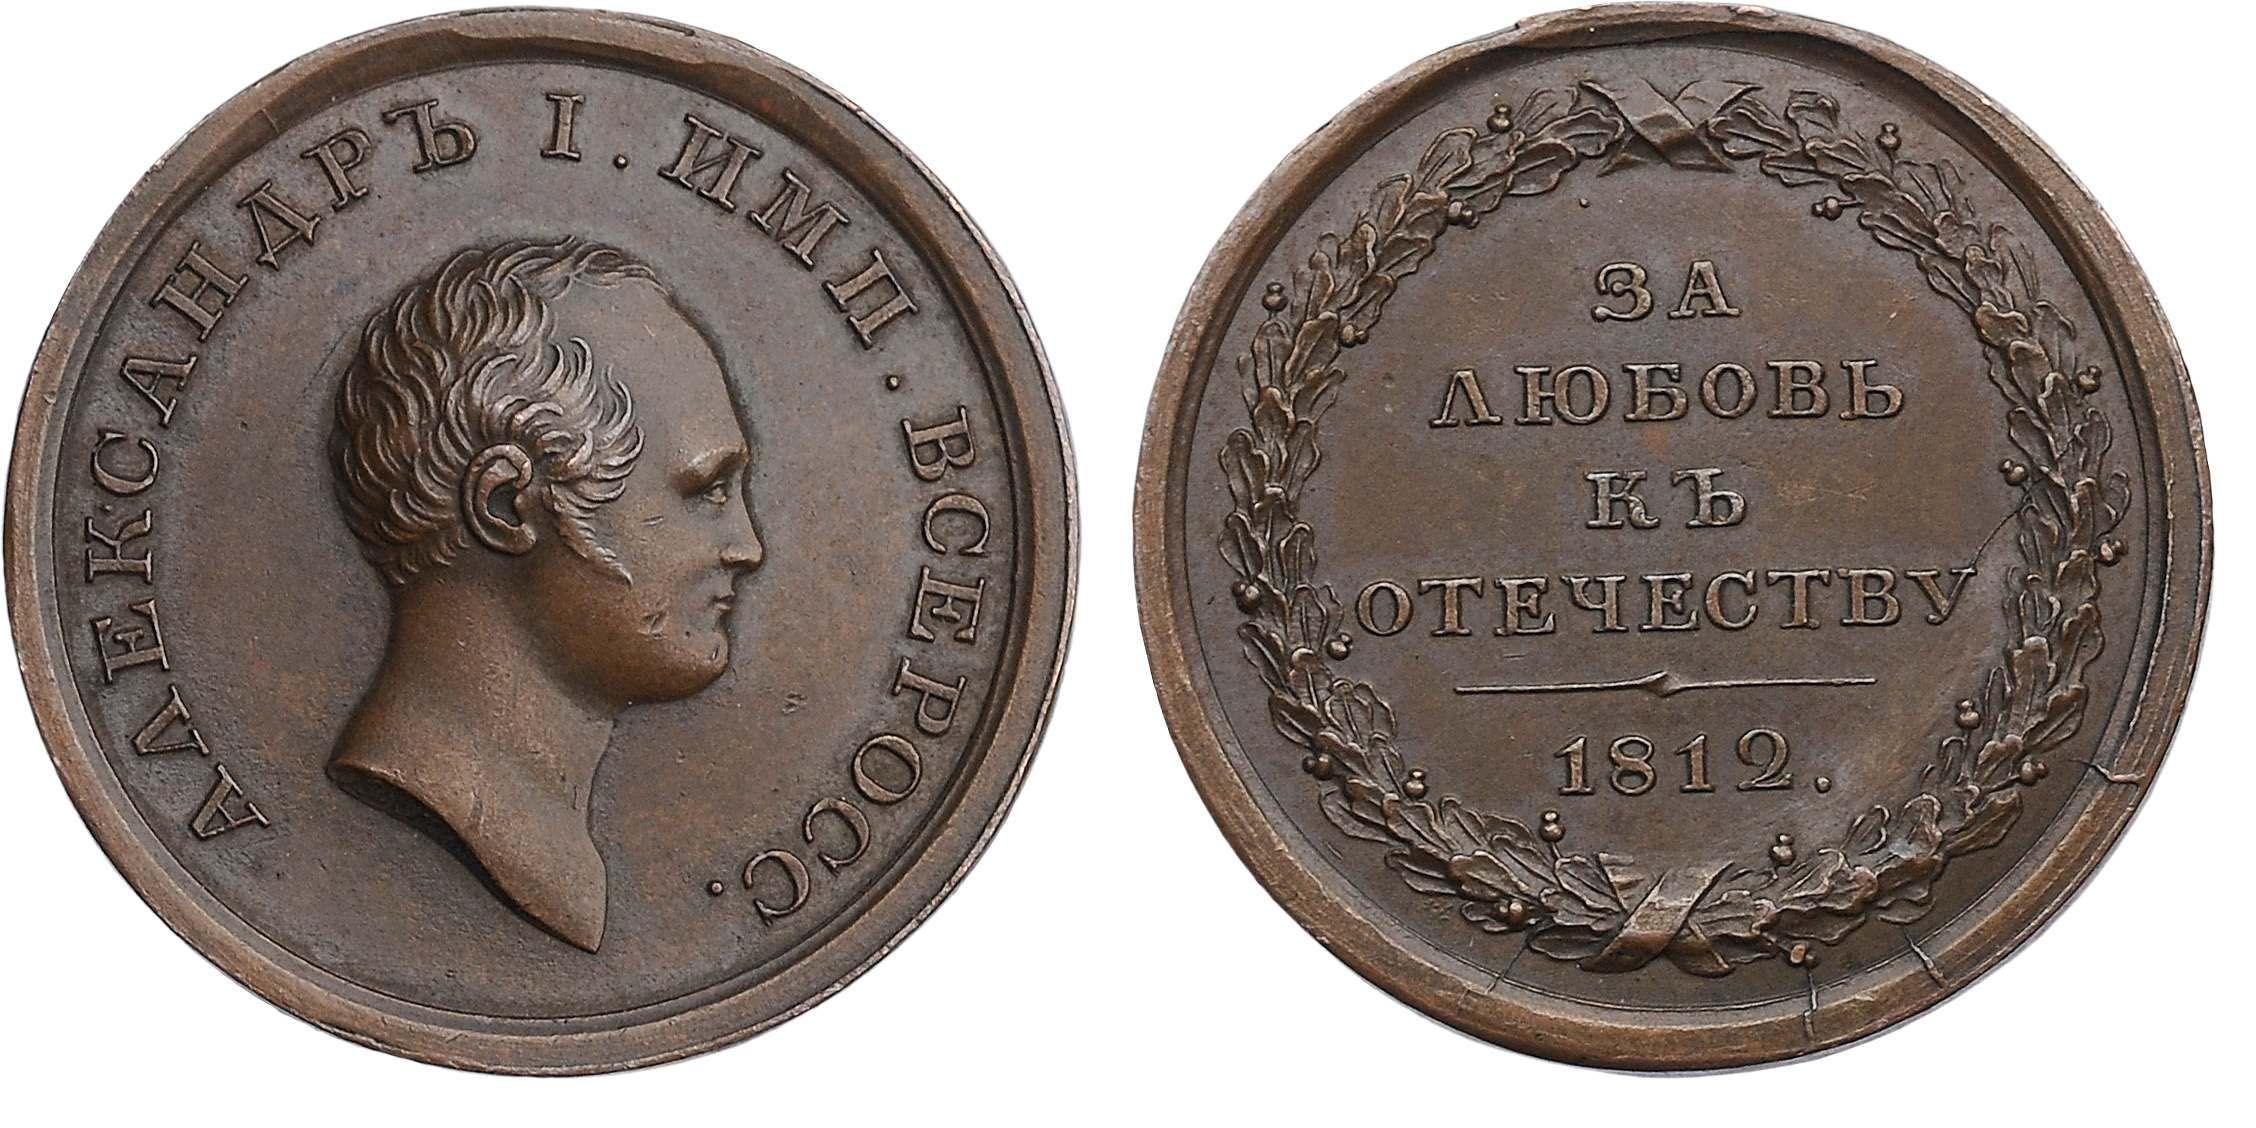 Наградная медаль «За любовь к Отечеству». 1812